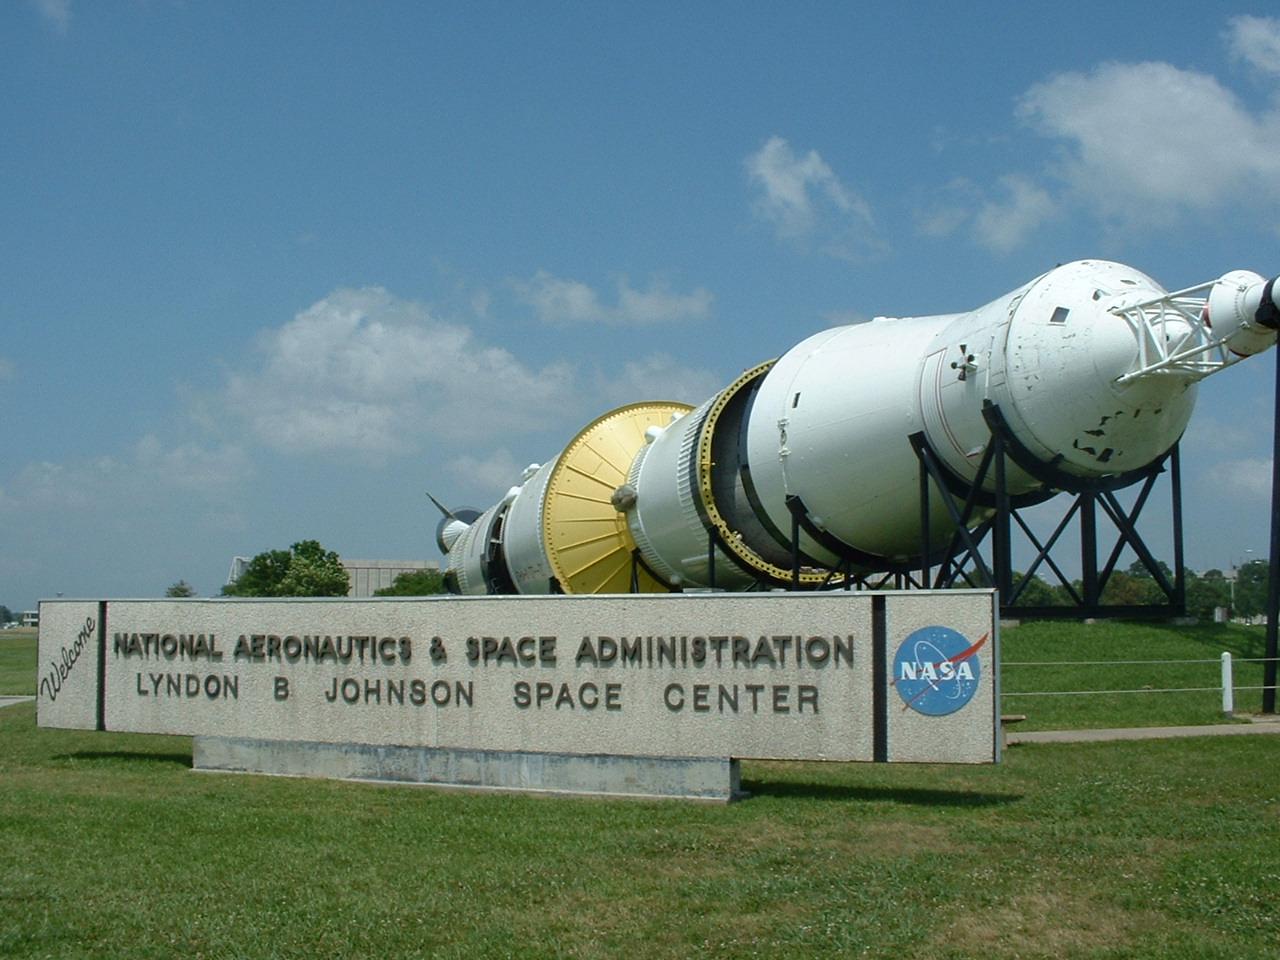 Lyndon B. Johnson Space Center texas